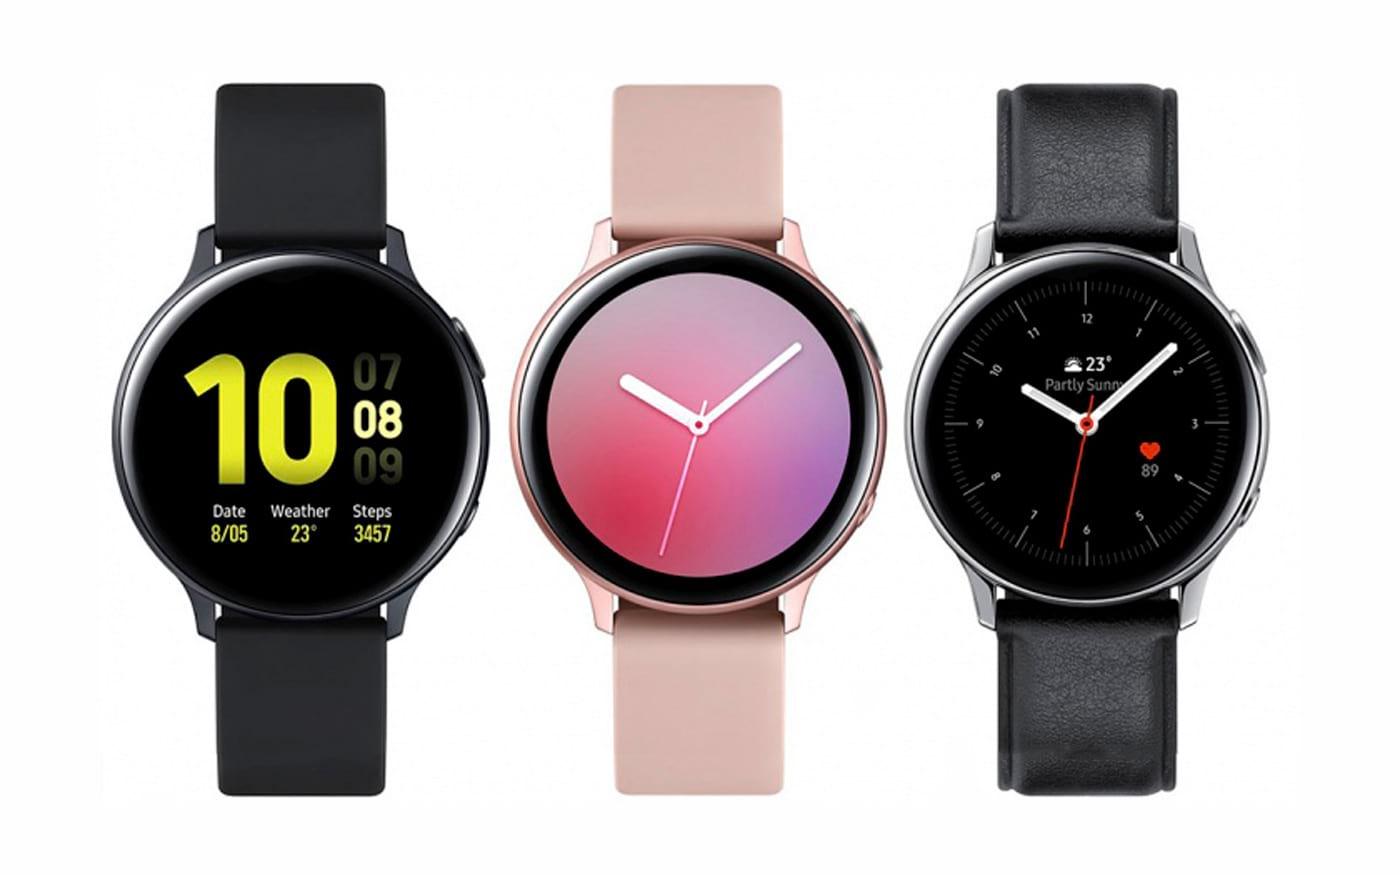 O Galaxy Watch Active 2 da Samsung, tela digital, conexão LTE e ...